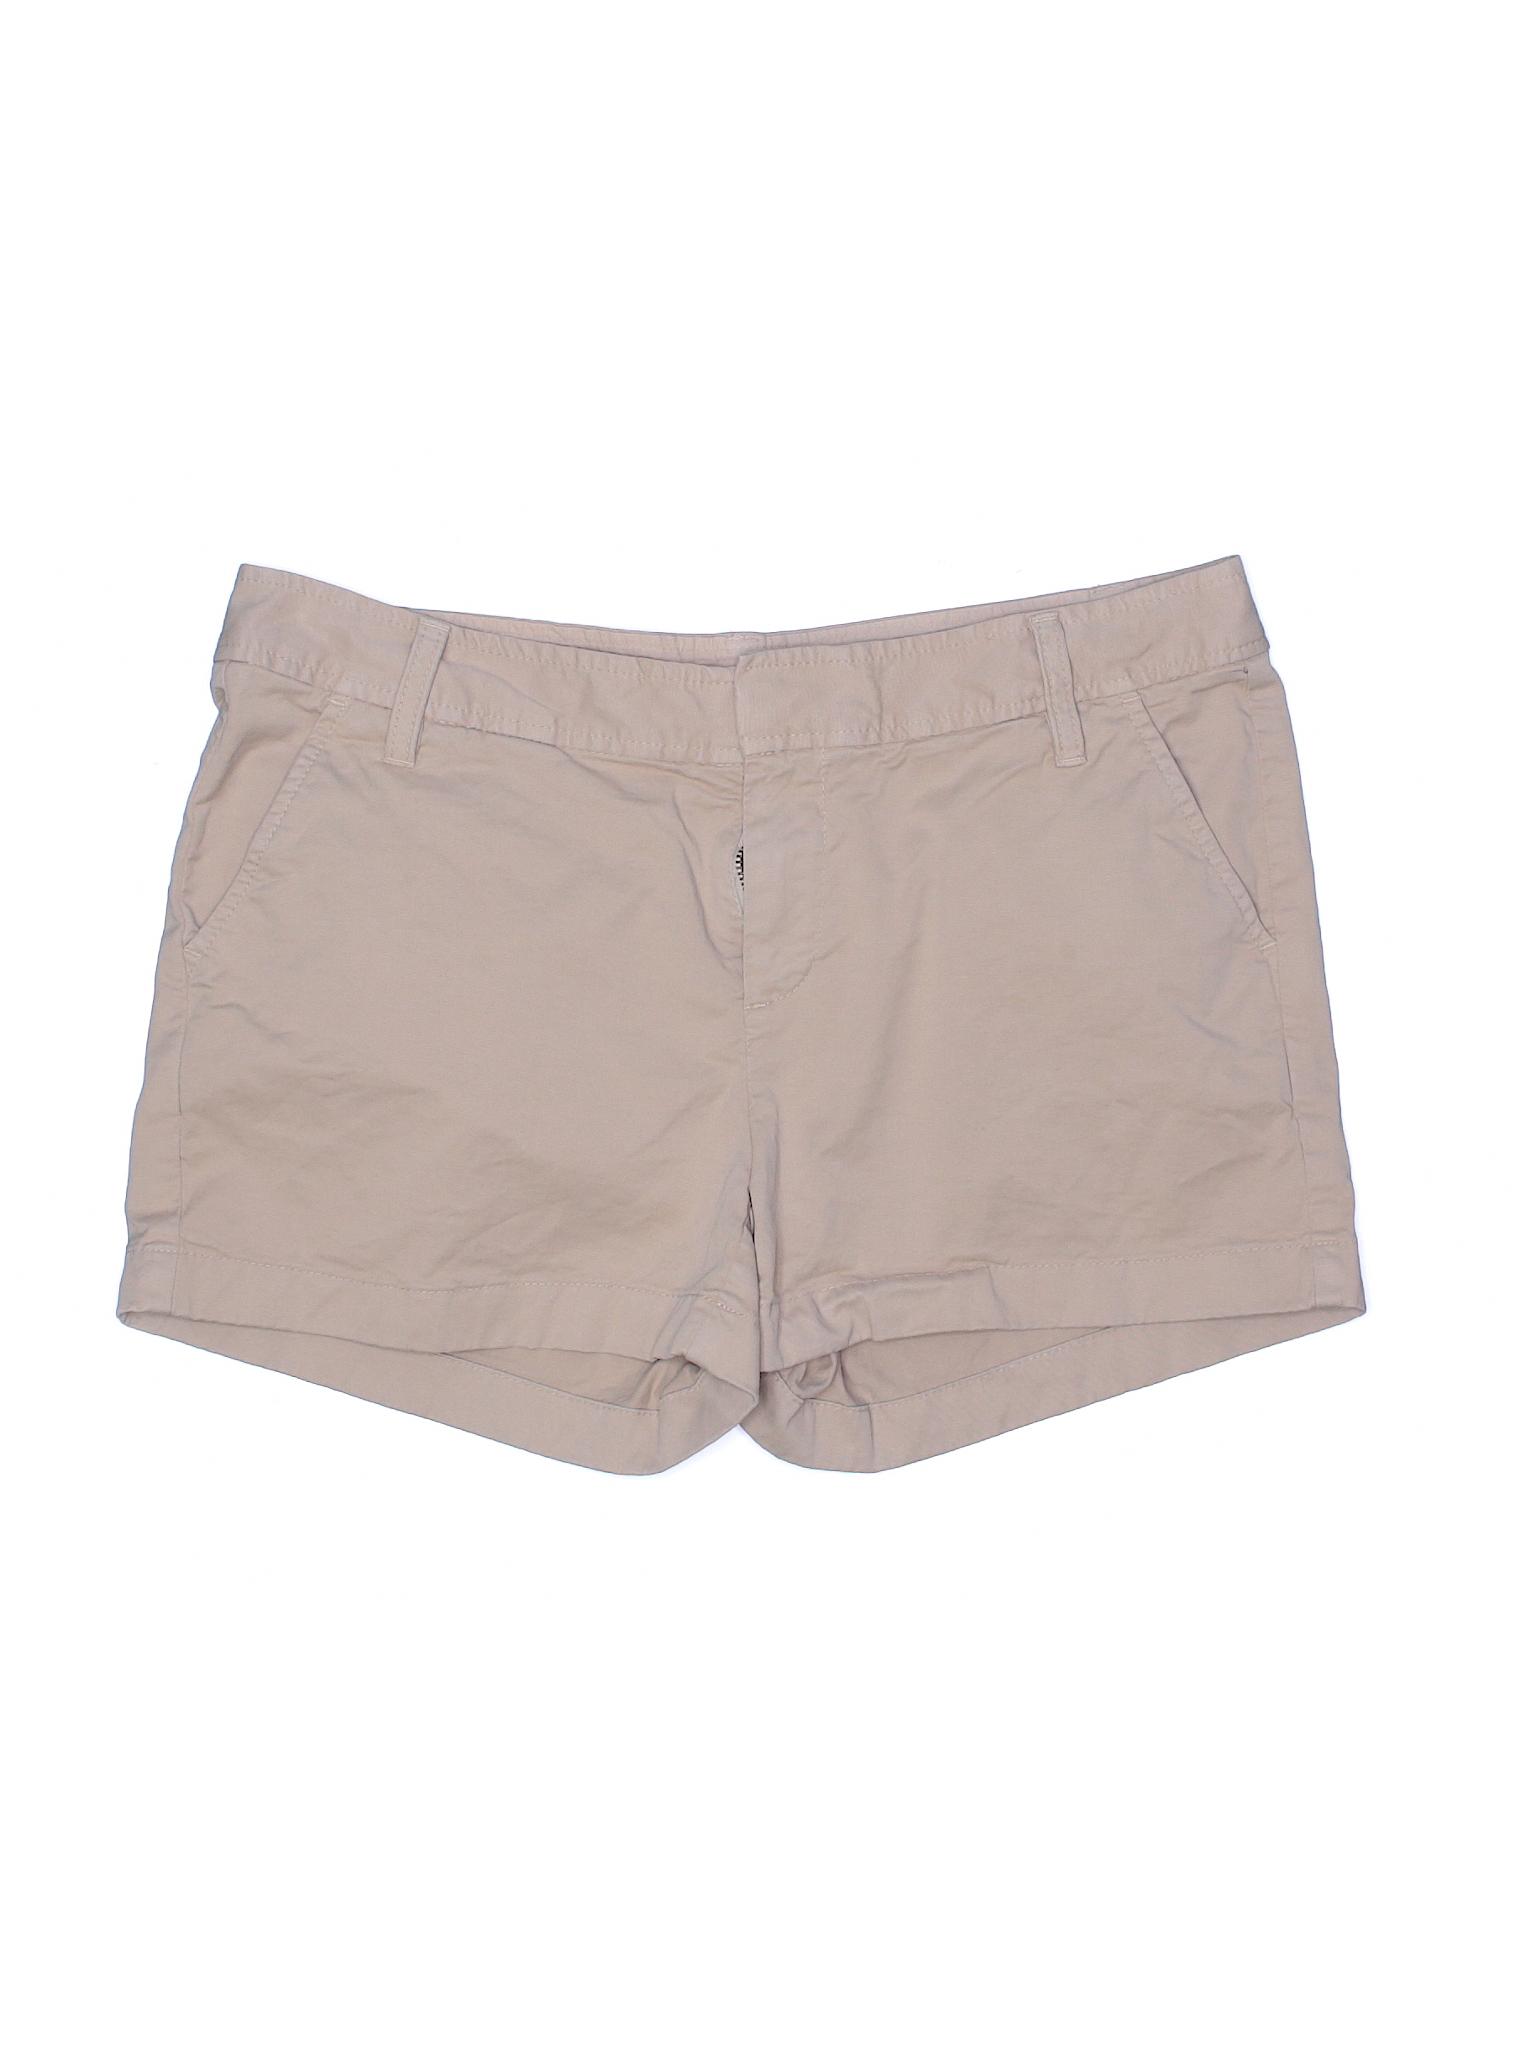 Shorts Caslon Shorts Caslon Shorts Boutique Khaki Boutique Caslon Khaki Boutique Khaki Boutique Caslon ZtnWSCwAq